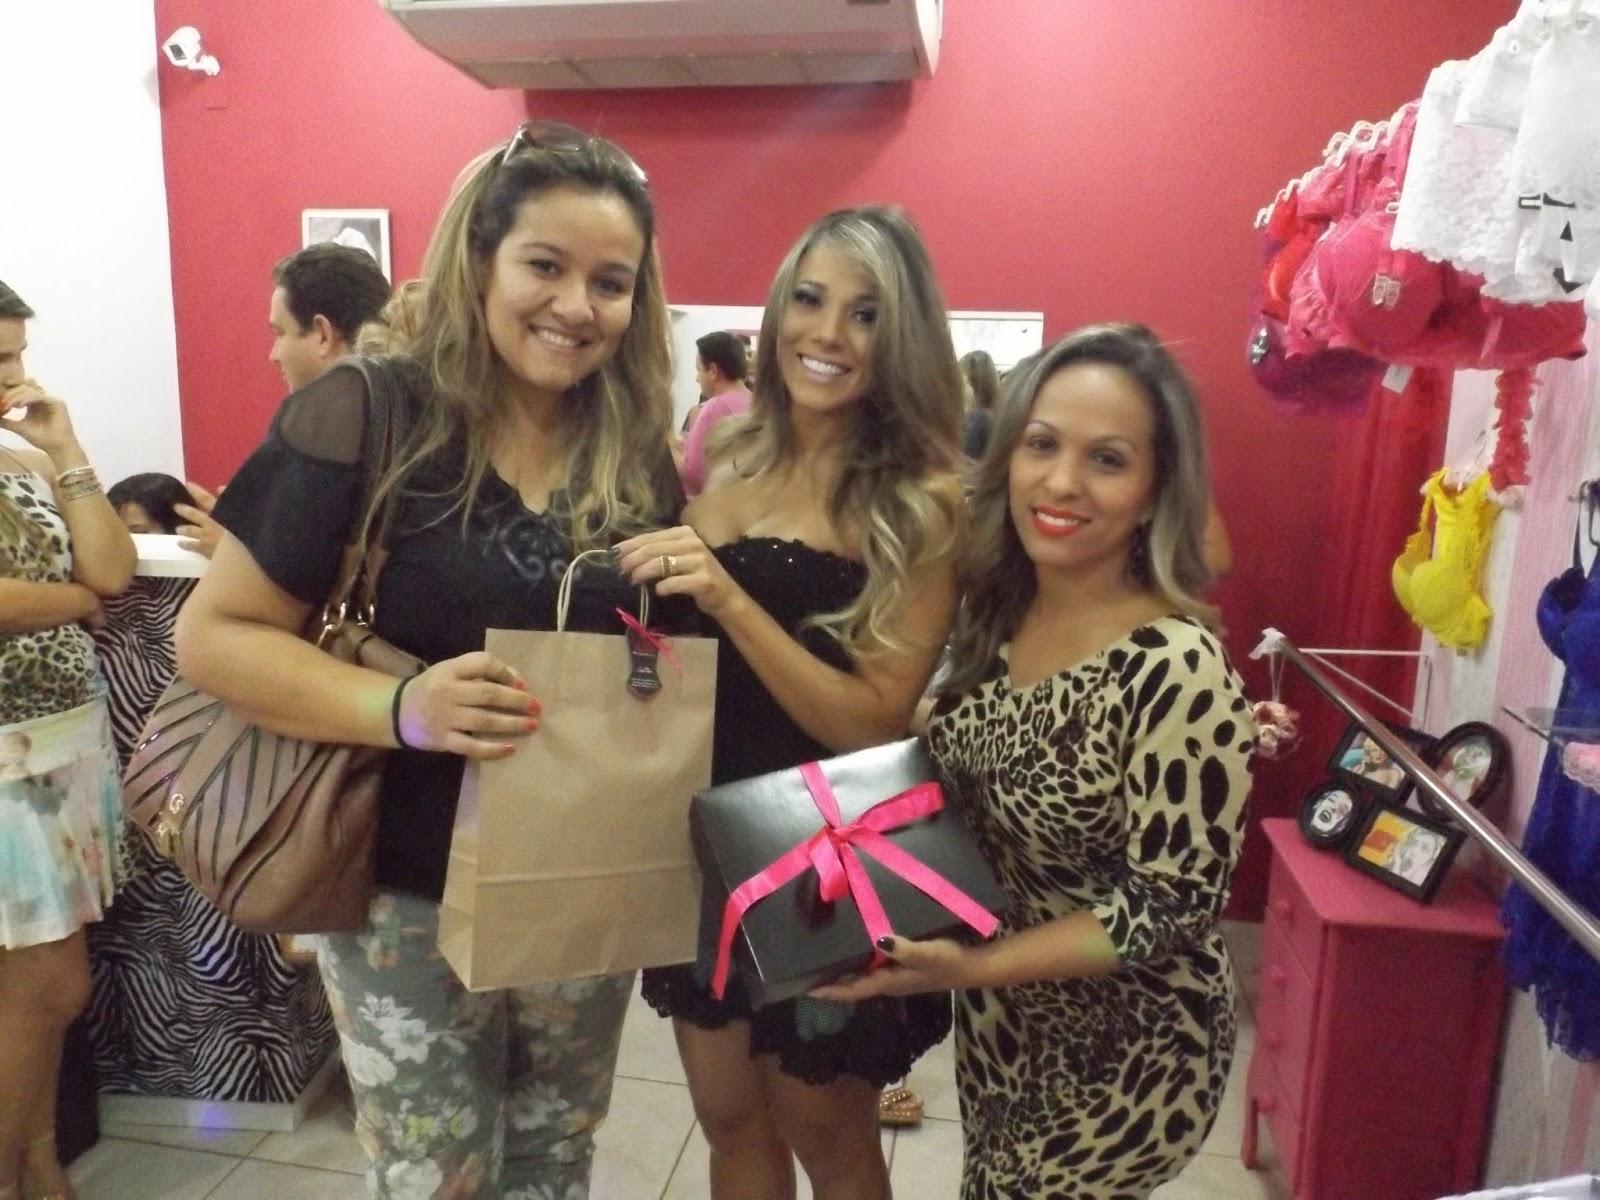 ex-bbb fabiana teixeira, big brother brasil, por onde anda fabiana teixeira, mama, blog de moda de ribeirão preto, boutique sensual de ribeirão preto, lançamento, coleção de lingeries, exclusividade